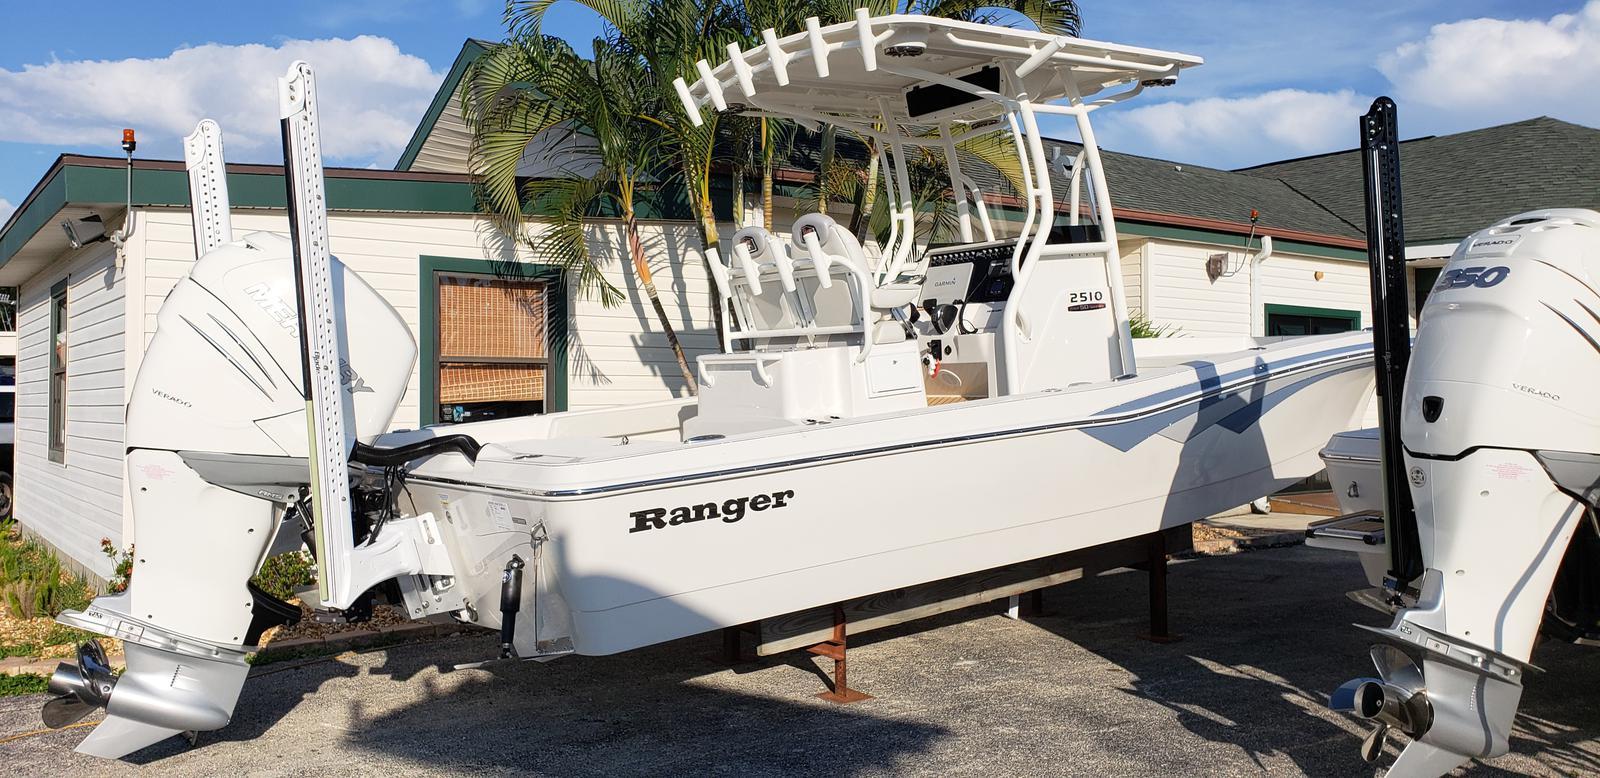 Ranger 2510